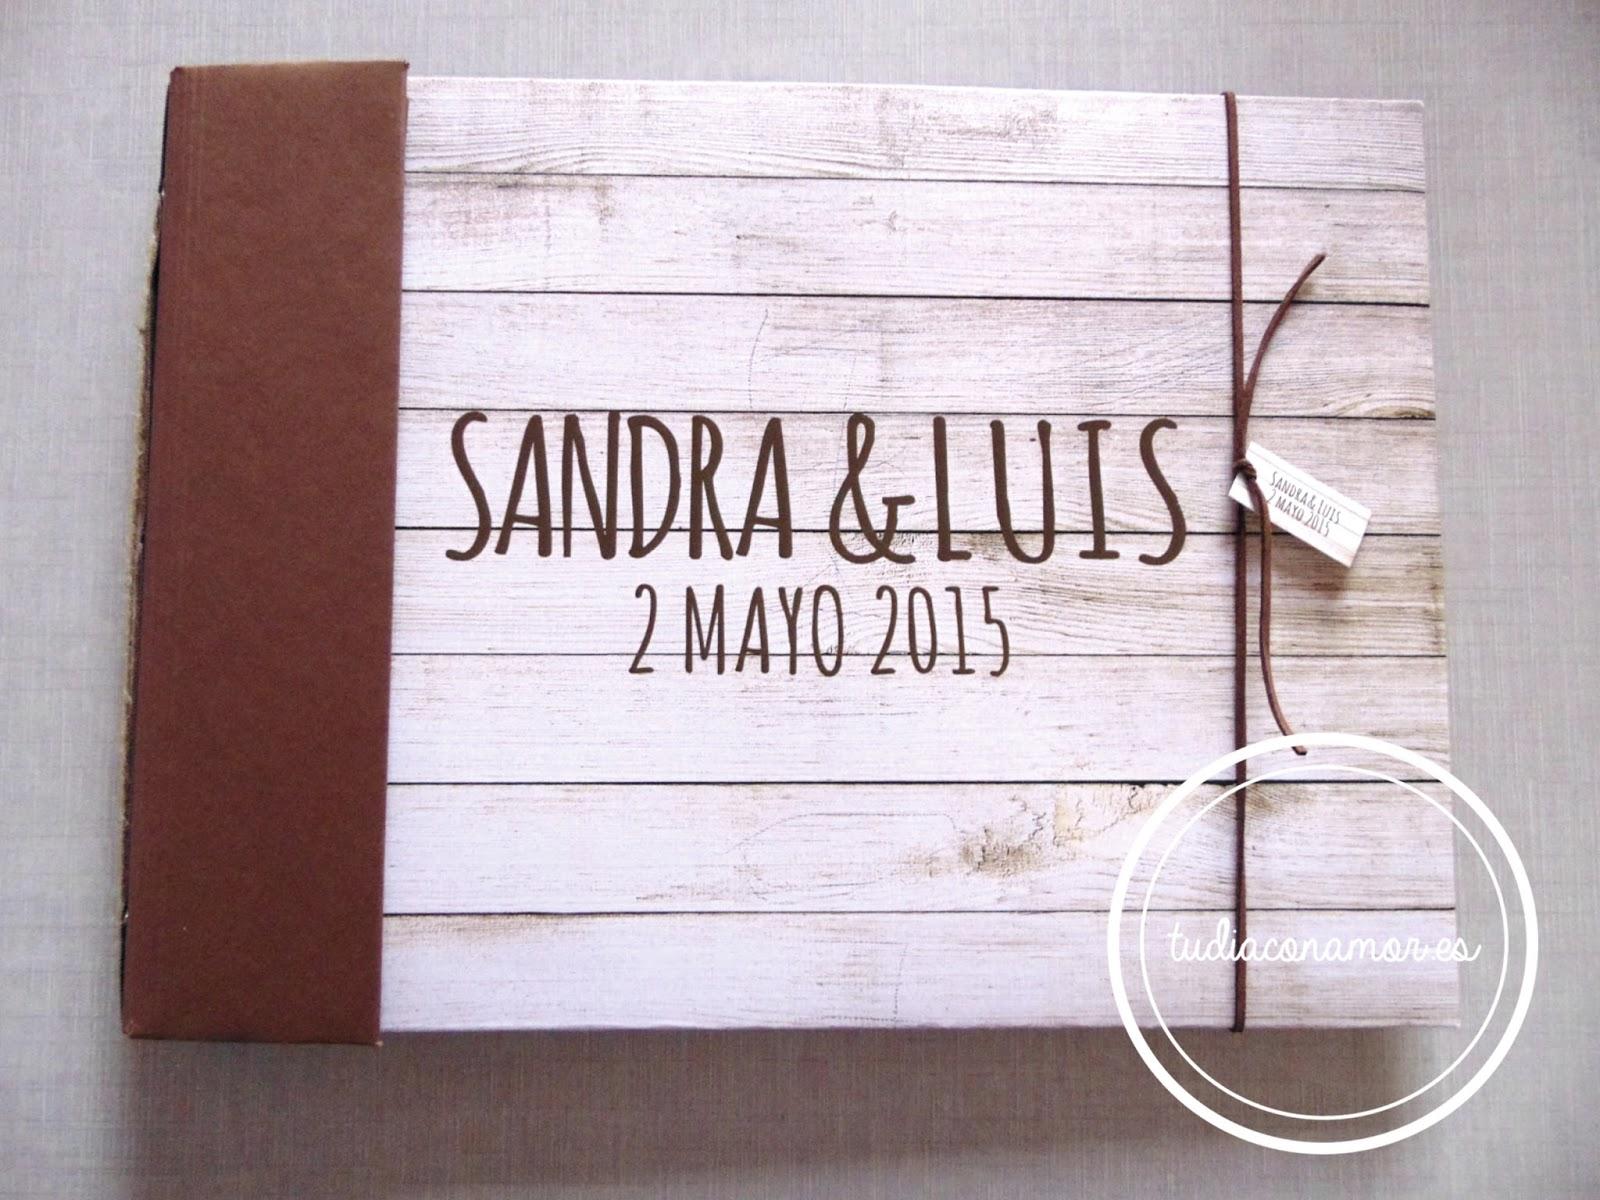 Blog de tu d a con amor invitaciones y detalles de boda - Como preparar mi boda ...